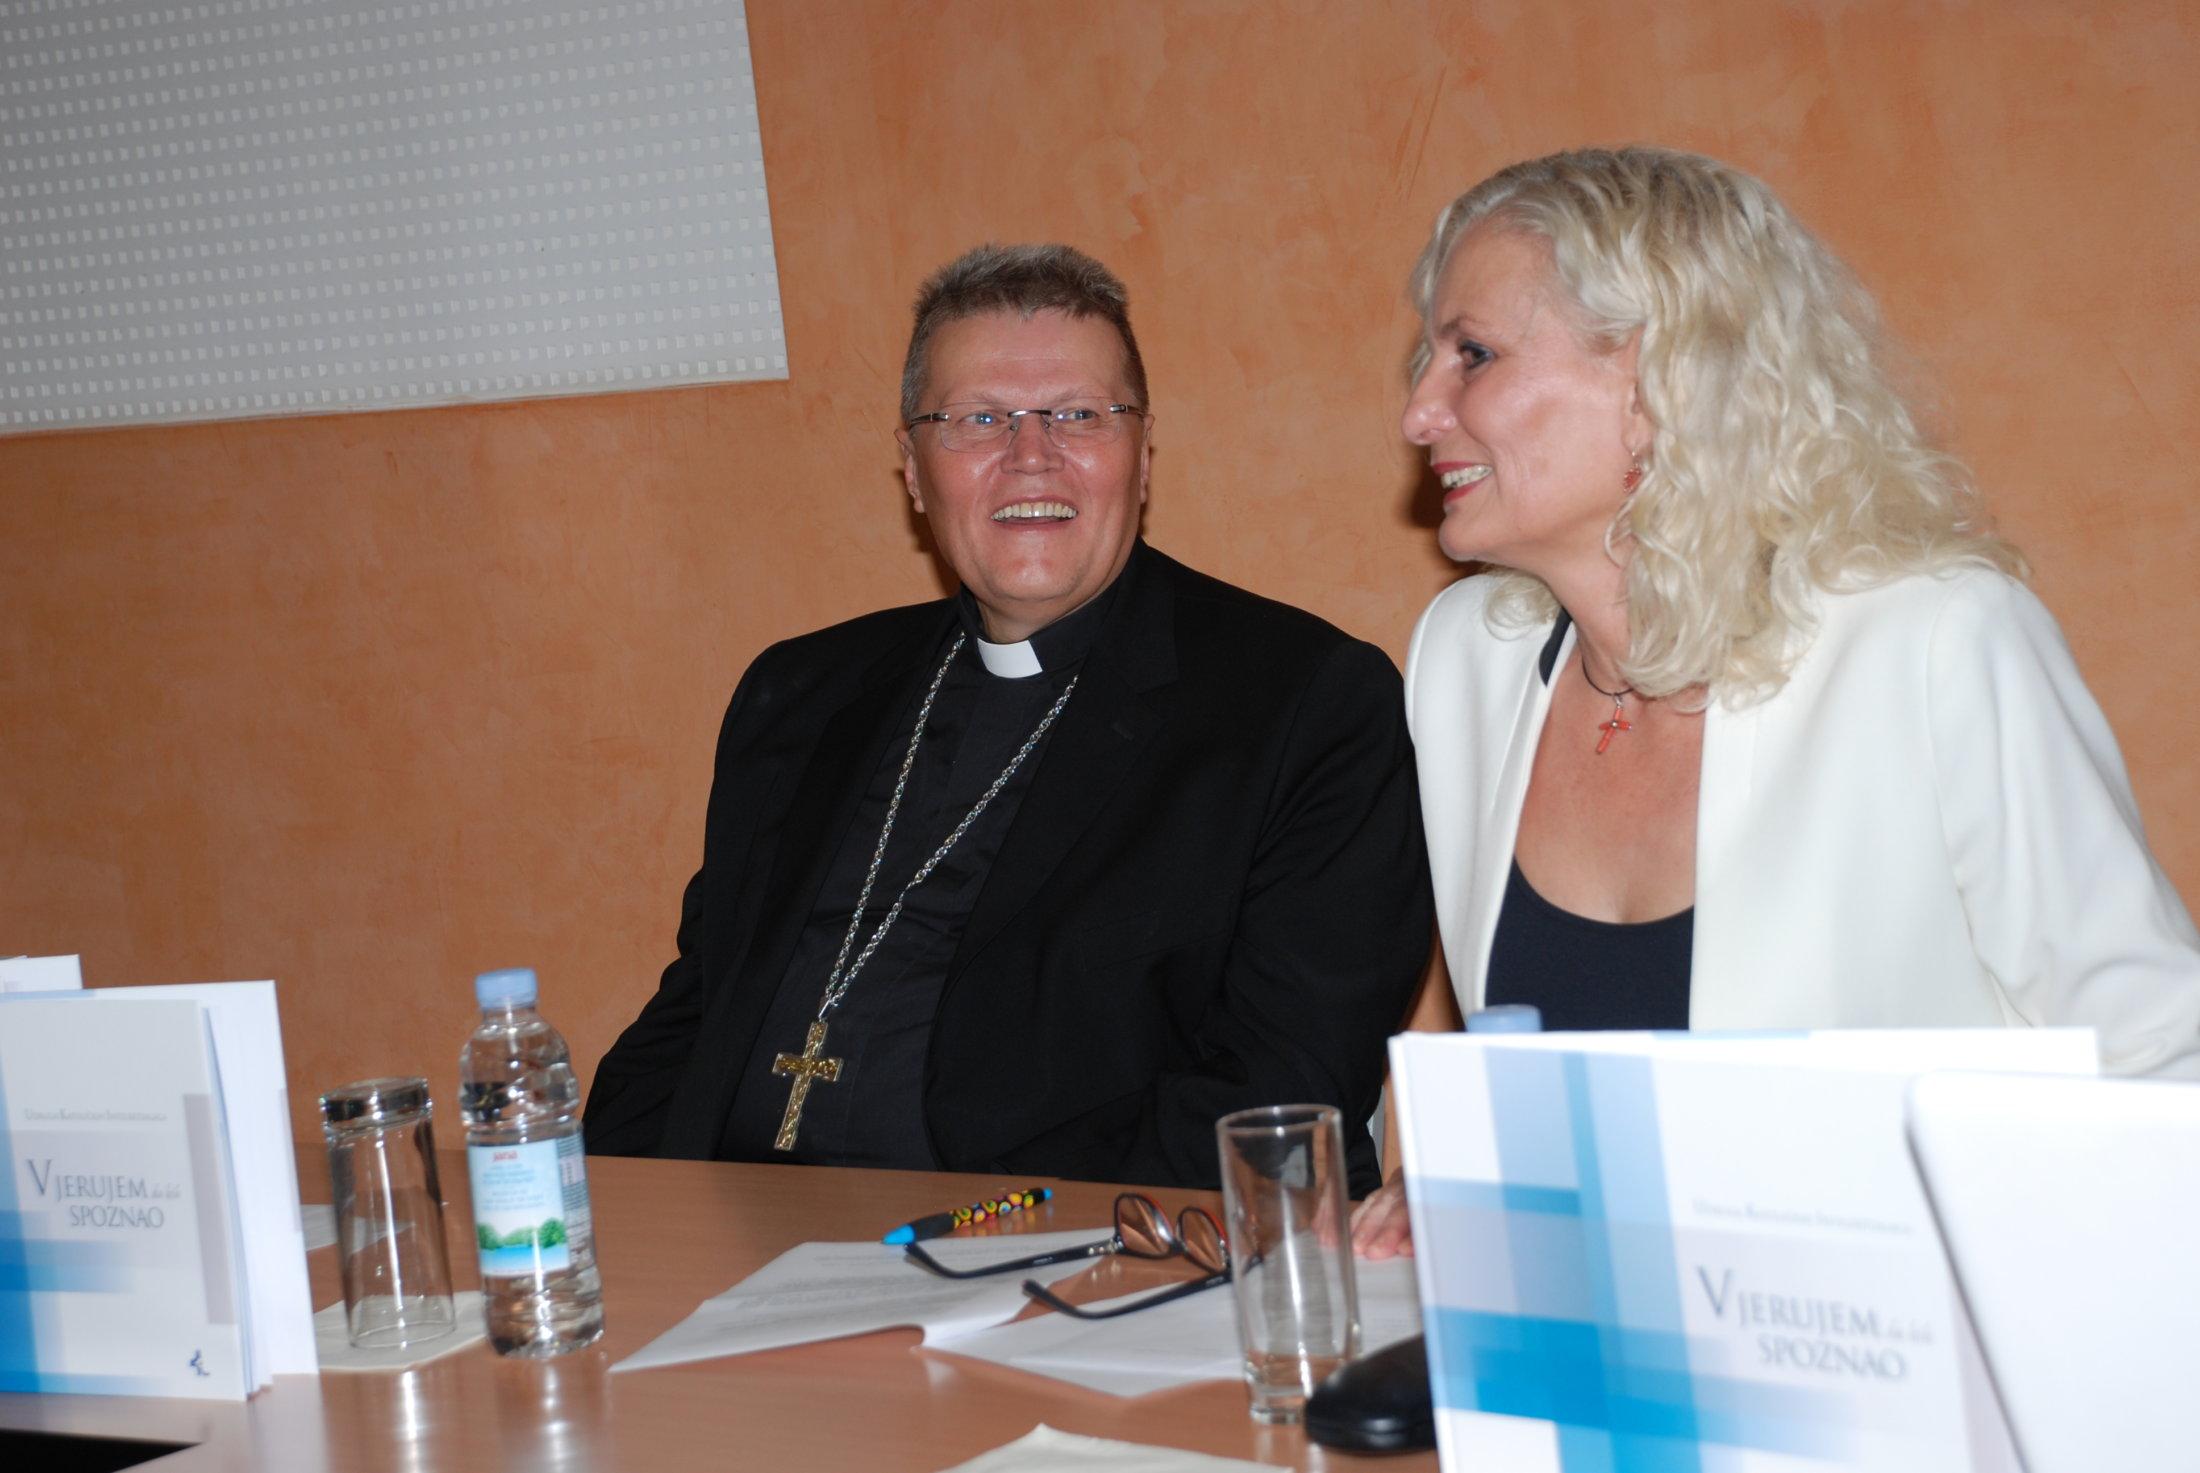 Nadbiskup Đ.Hranić I Dr.sc. R.Pšihistal Na Kraju Predstavljanja Monografije,Vikarijat Osijek,15.11.19.